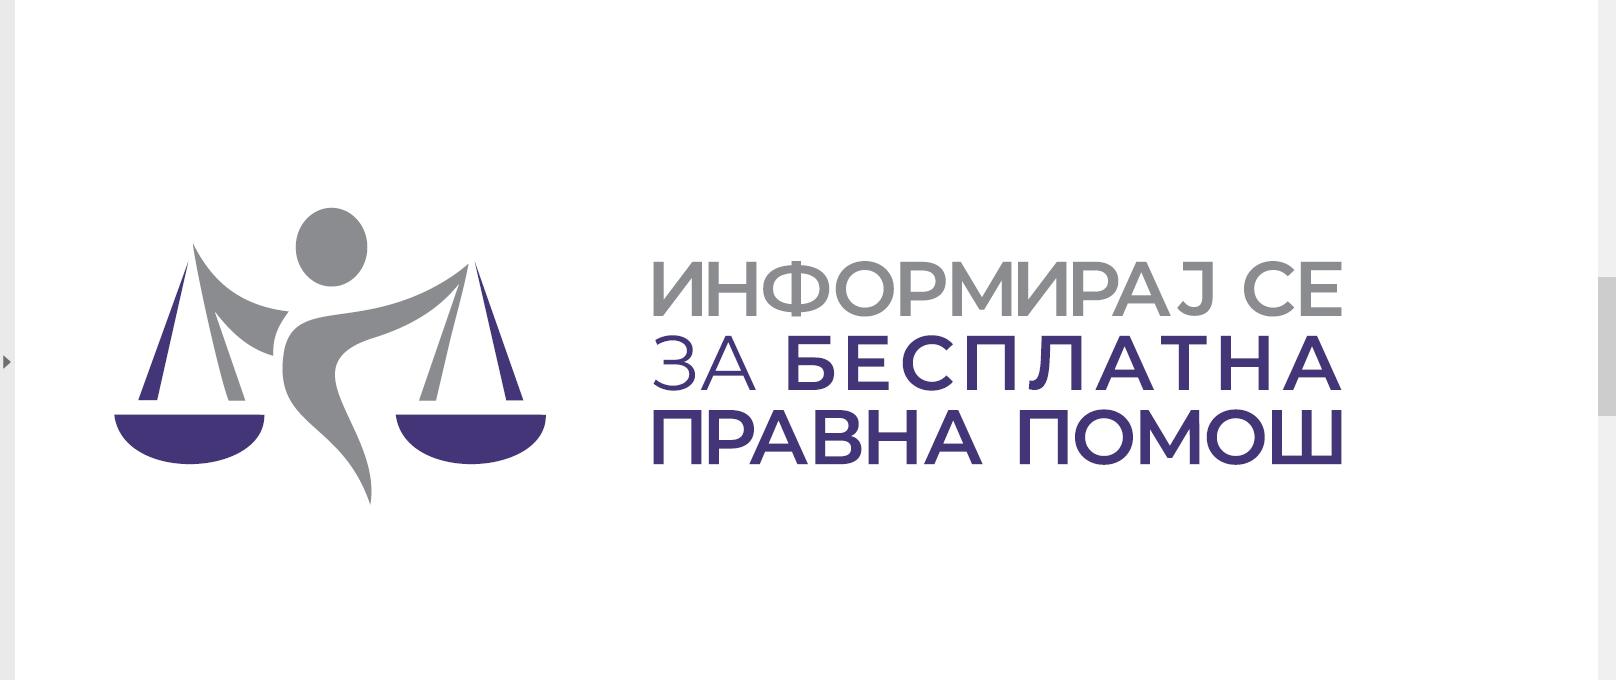 Националното координативно тело за Бесплатна правна помош дискутираше за поддршка на жртви на семејно насилство